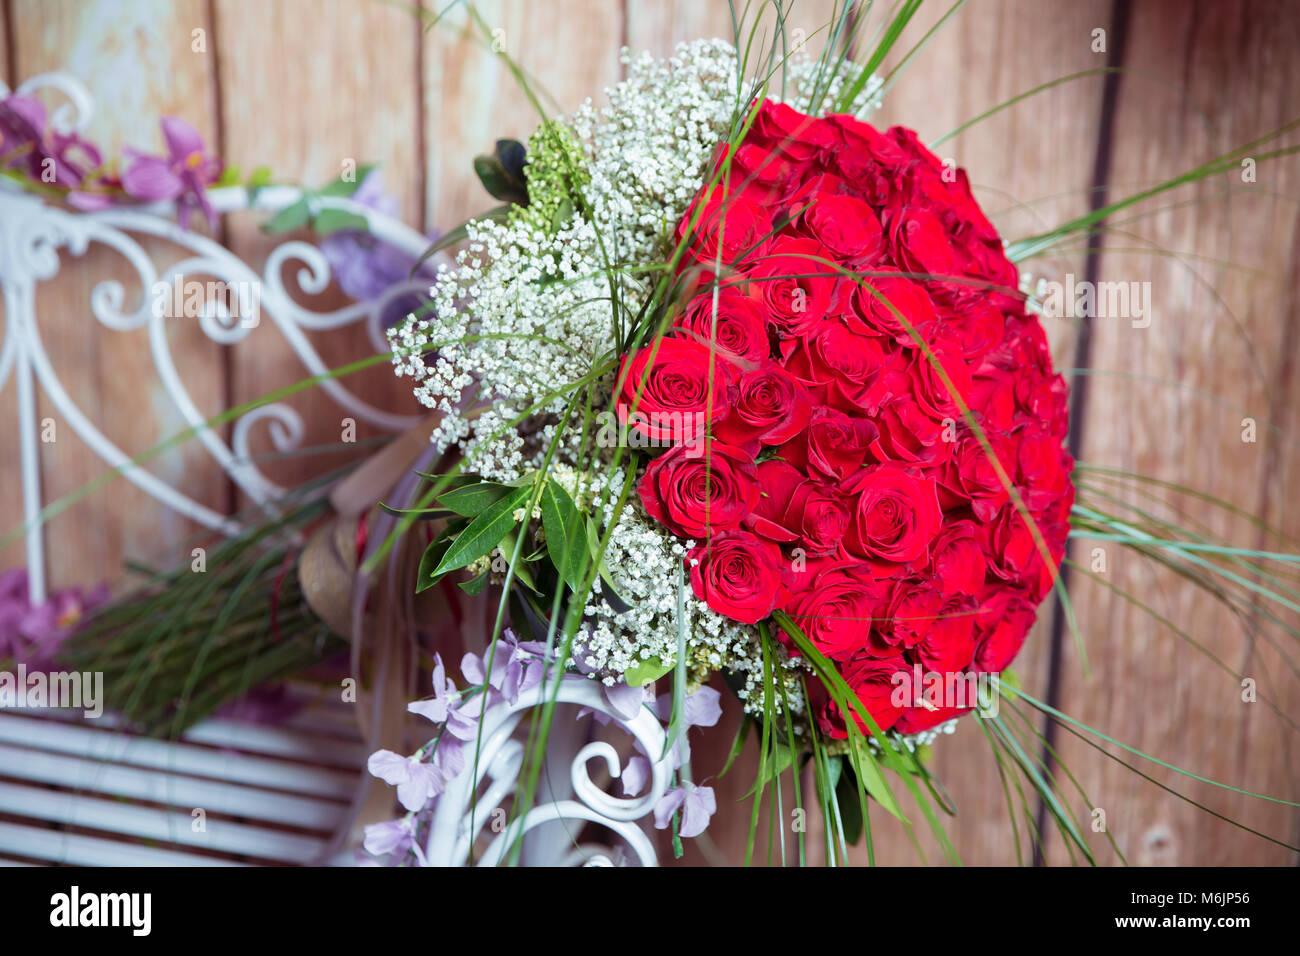 Grande Mazzo Di Fiori.Un Bouquet Di Fiori Bouquet Di Un Centinaio Di Rose Rosse Grande